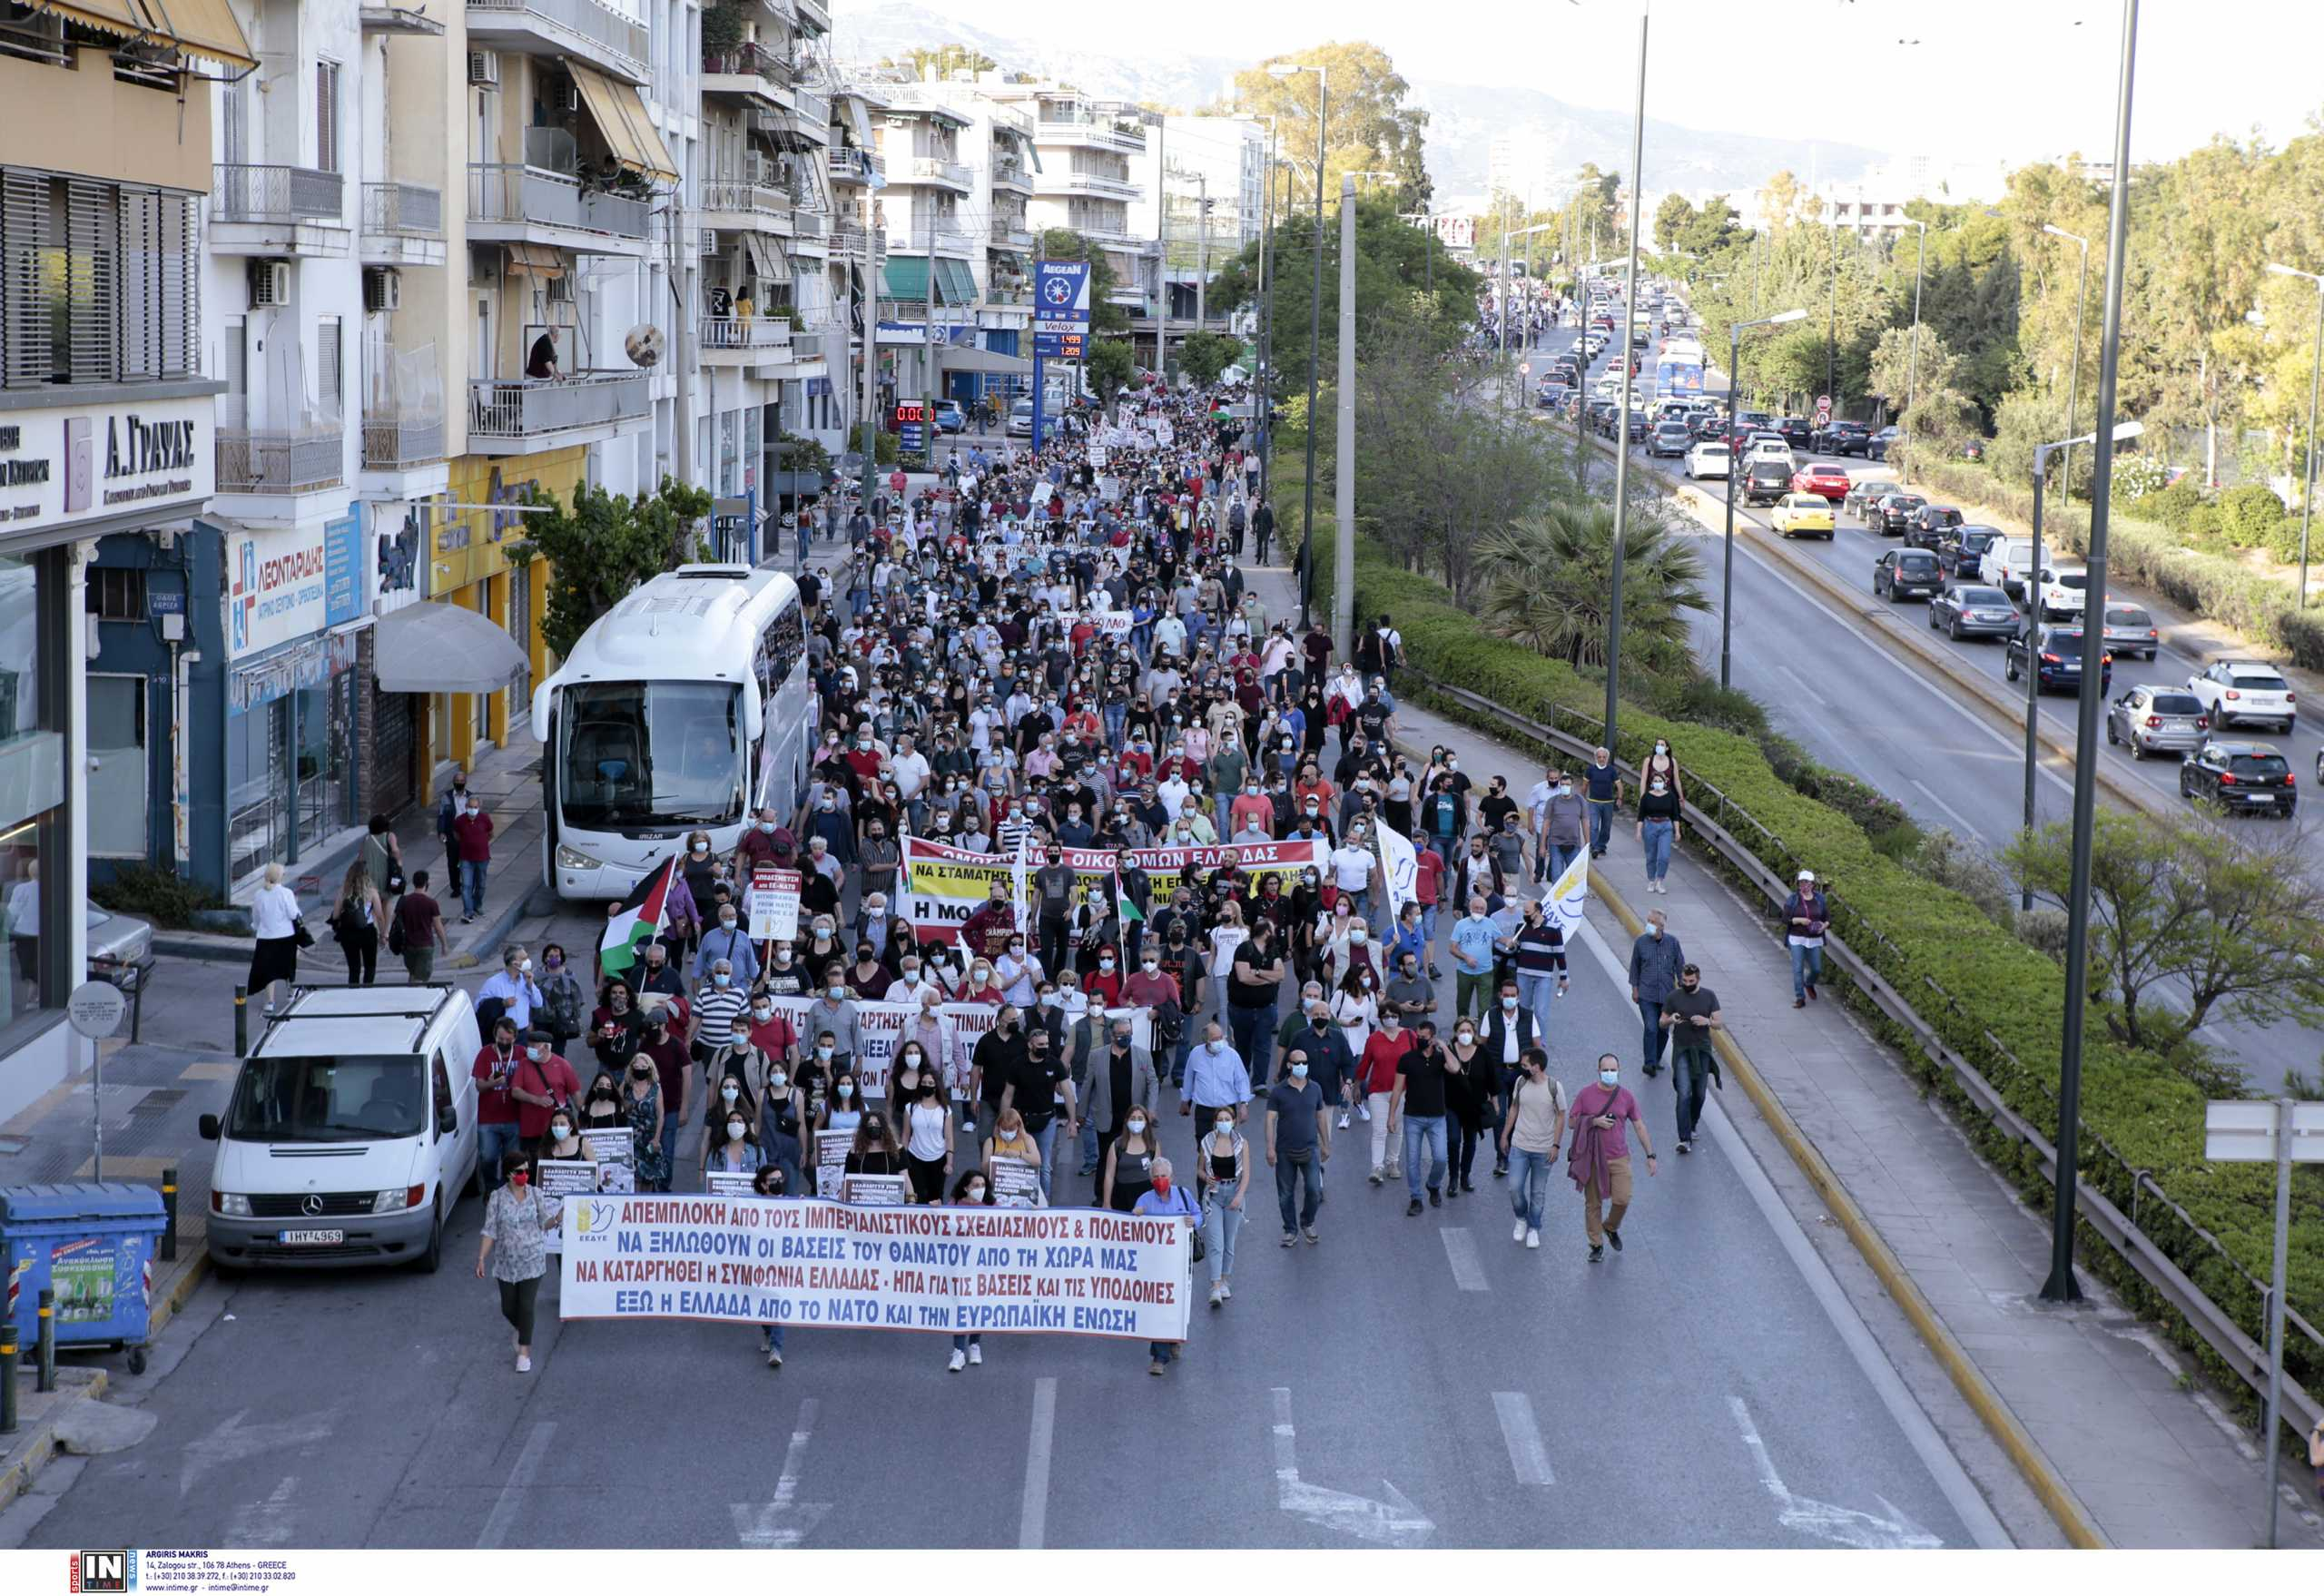 Συγκέντρωση για το Παλαιστινιακό στην Αθήνα